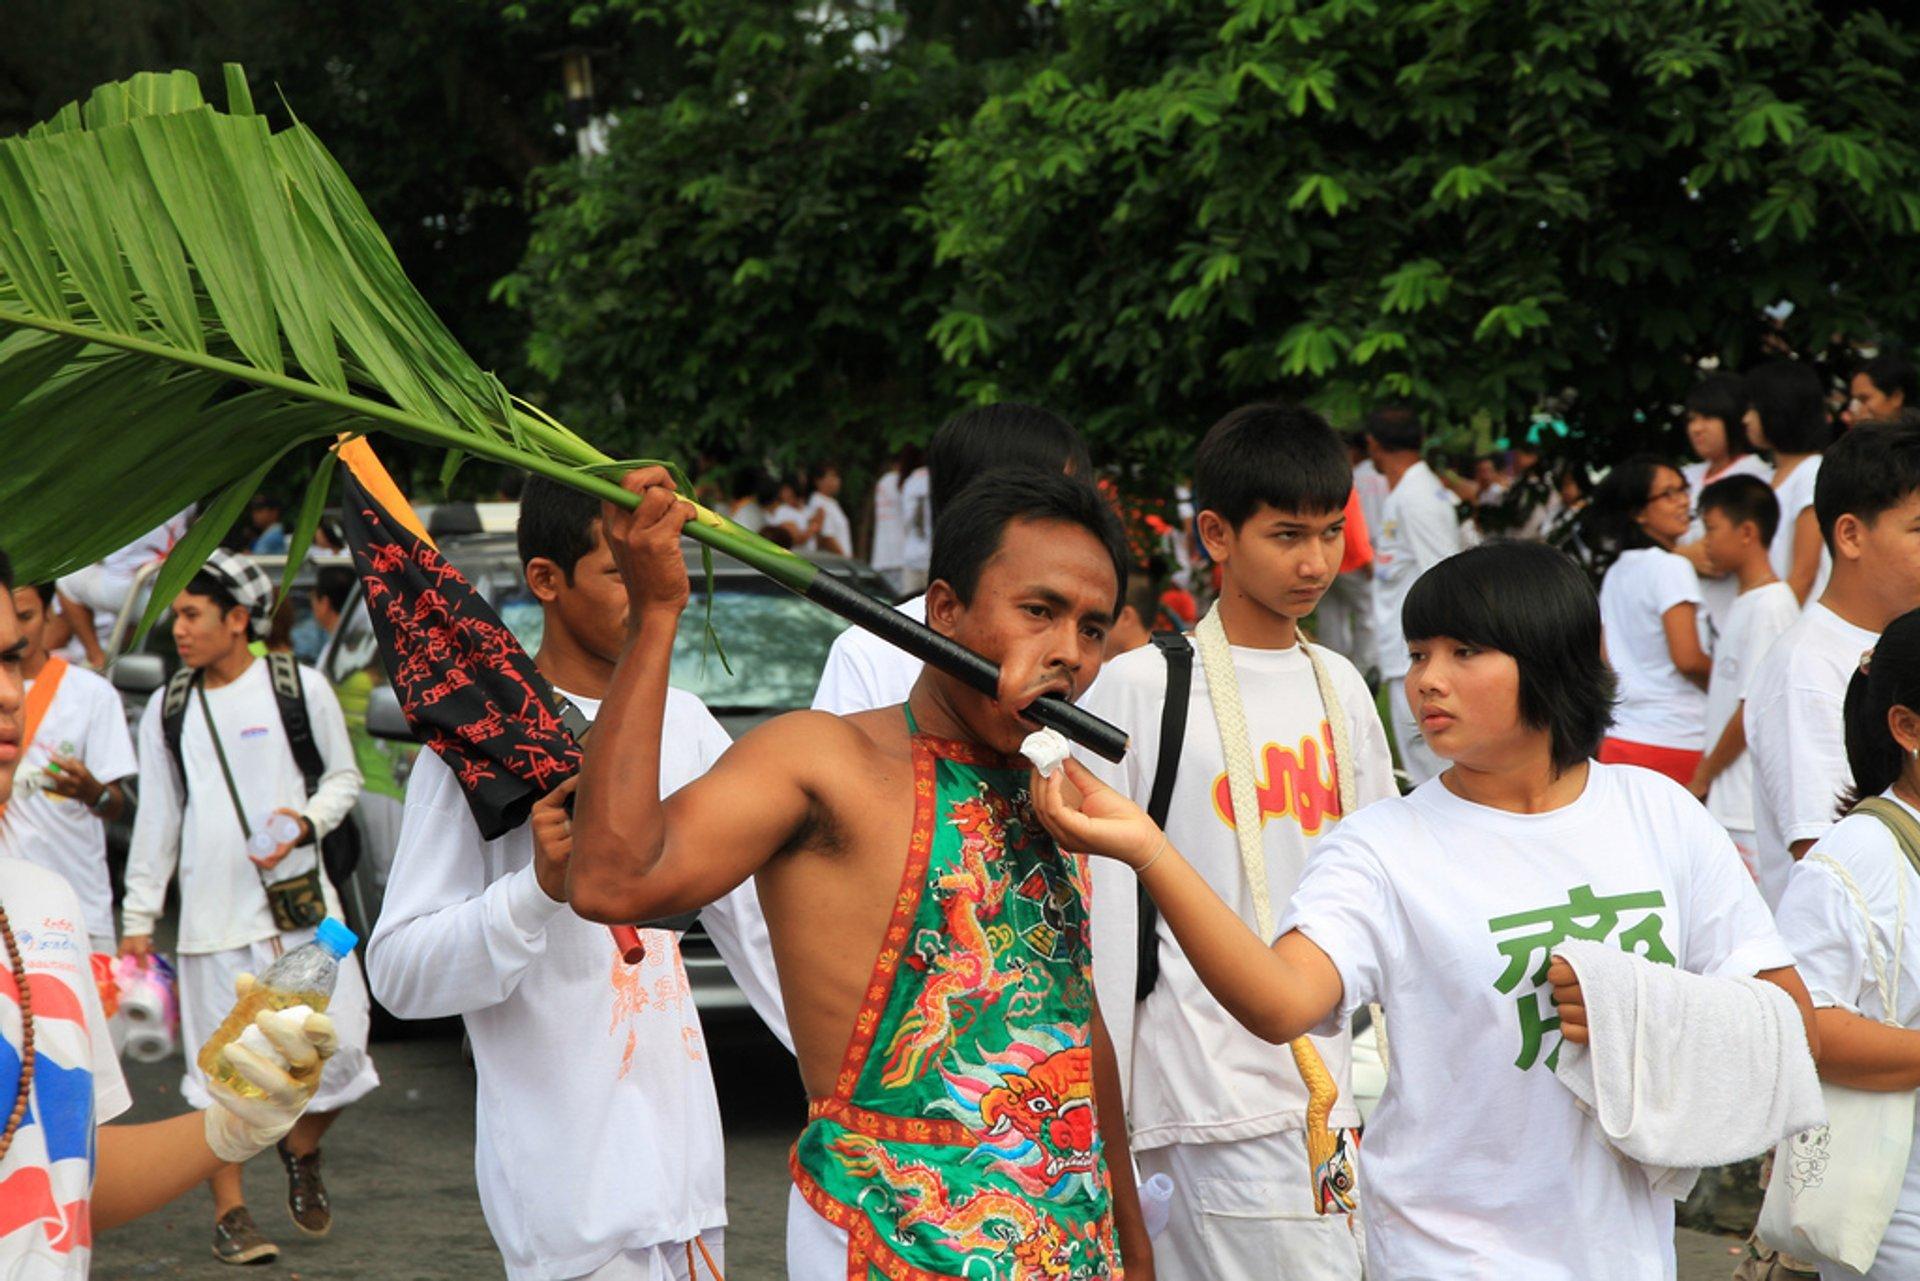 Phuket Vegetarian Festival in Thailand - Best Season 2020